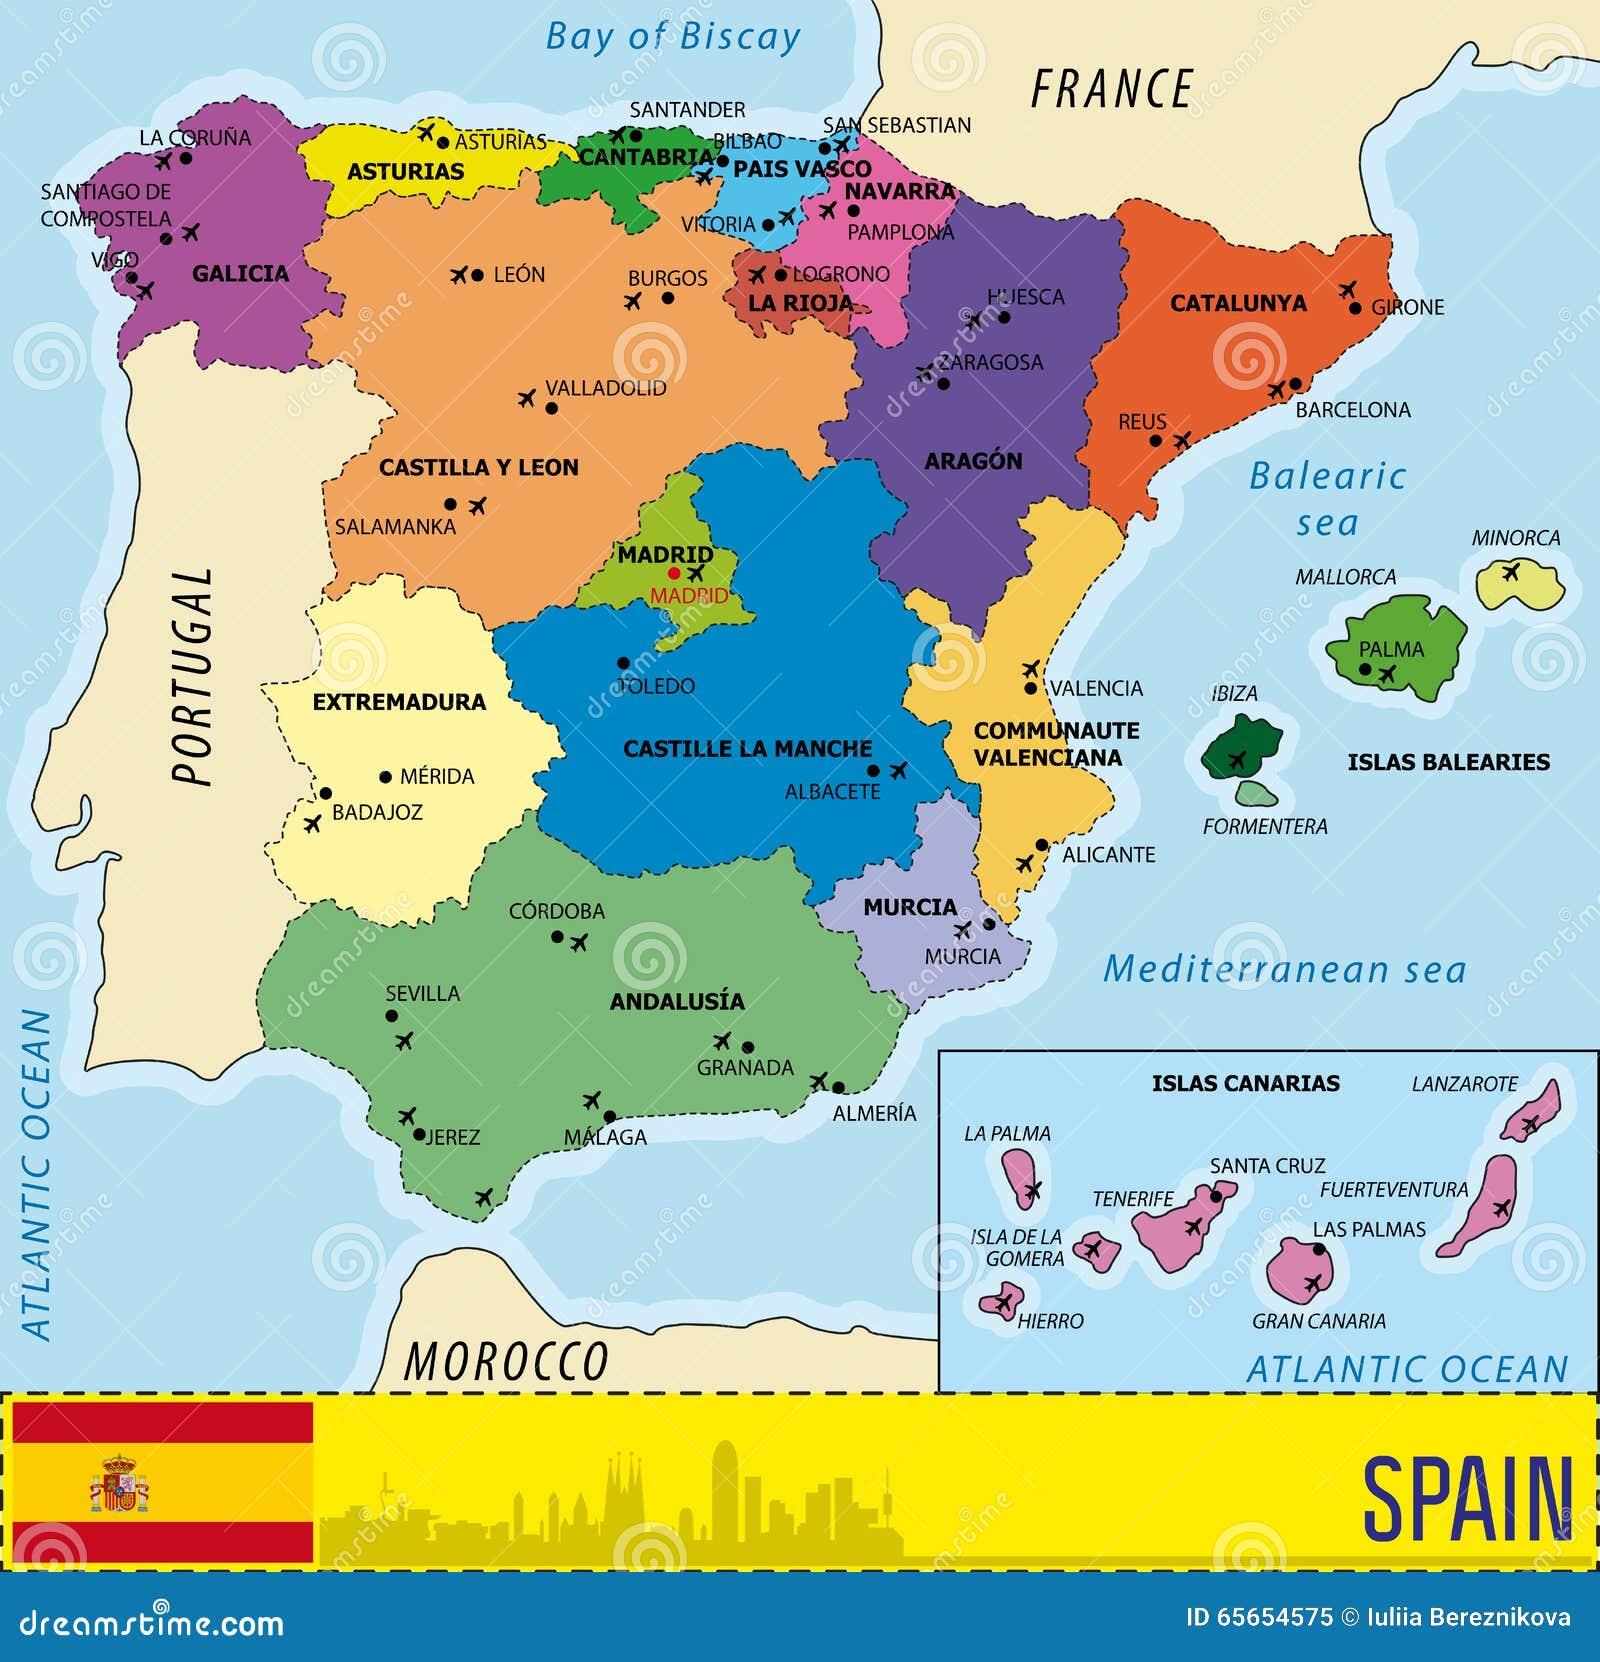 aeroportos em espanha mapa Mapa Detalhado Do Vetor Da Espanha Imagem de Stock   Imagem de  aeroportos em espanha mapa